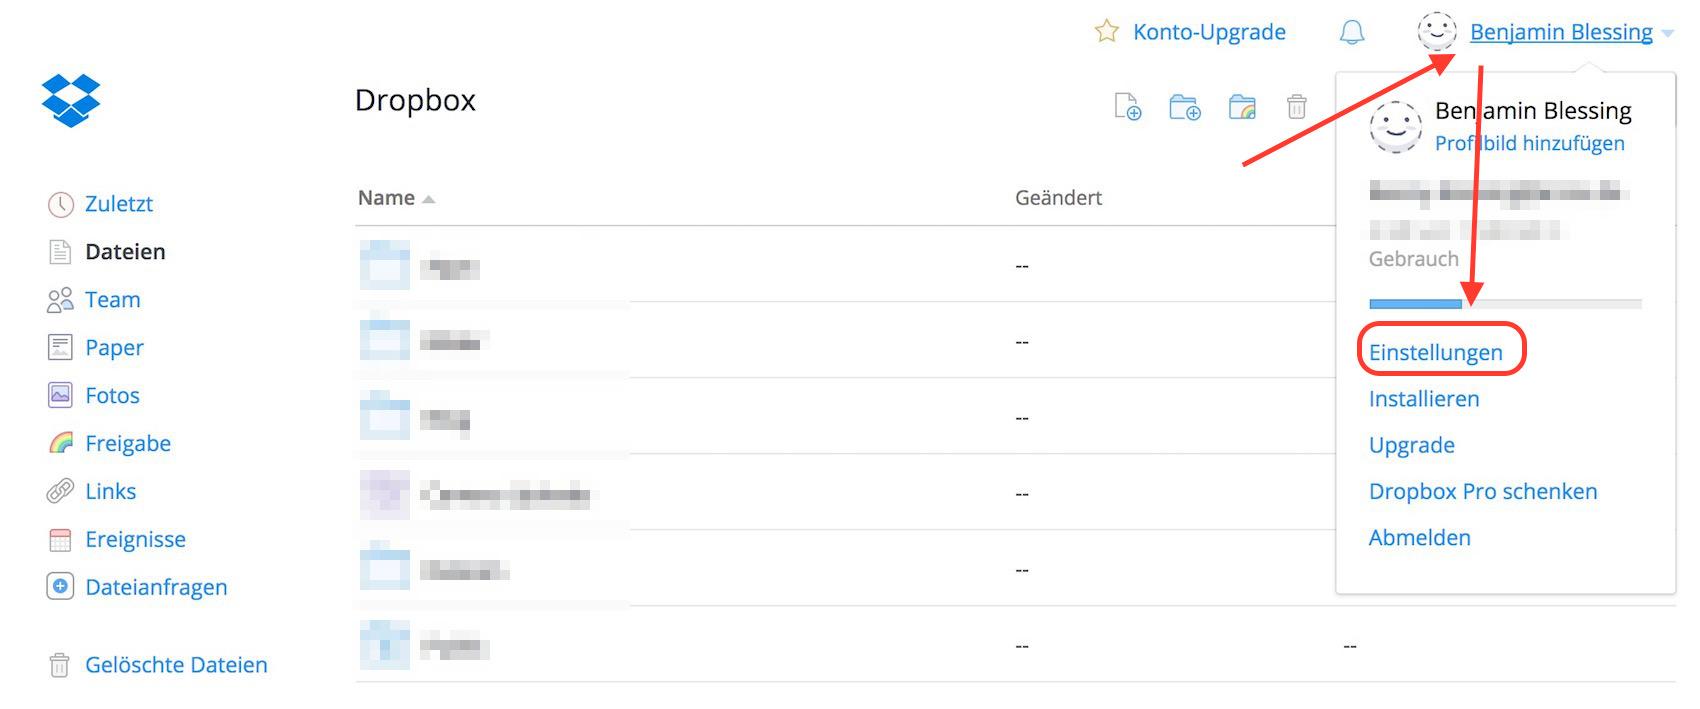 Dropbox Zwei-Faktor-Authentifizierung aktivieren